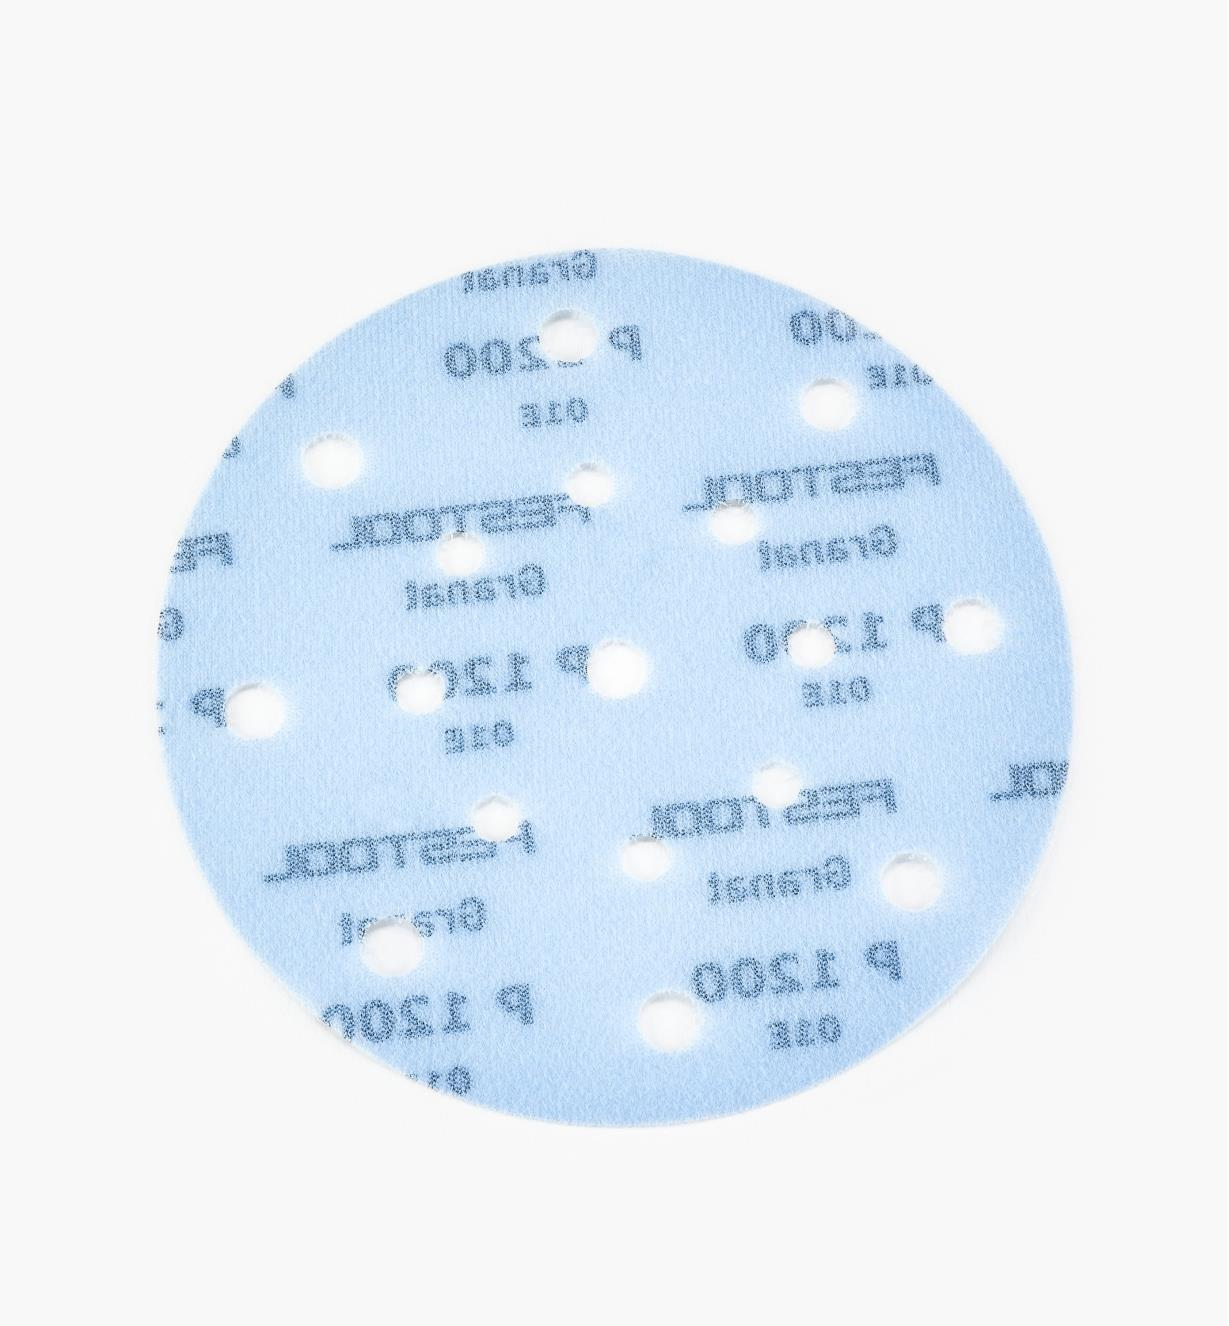 ZA496991S - Granat (P 1200), Qty. 10